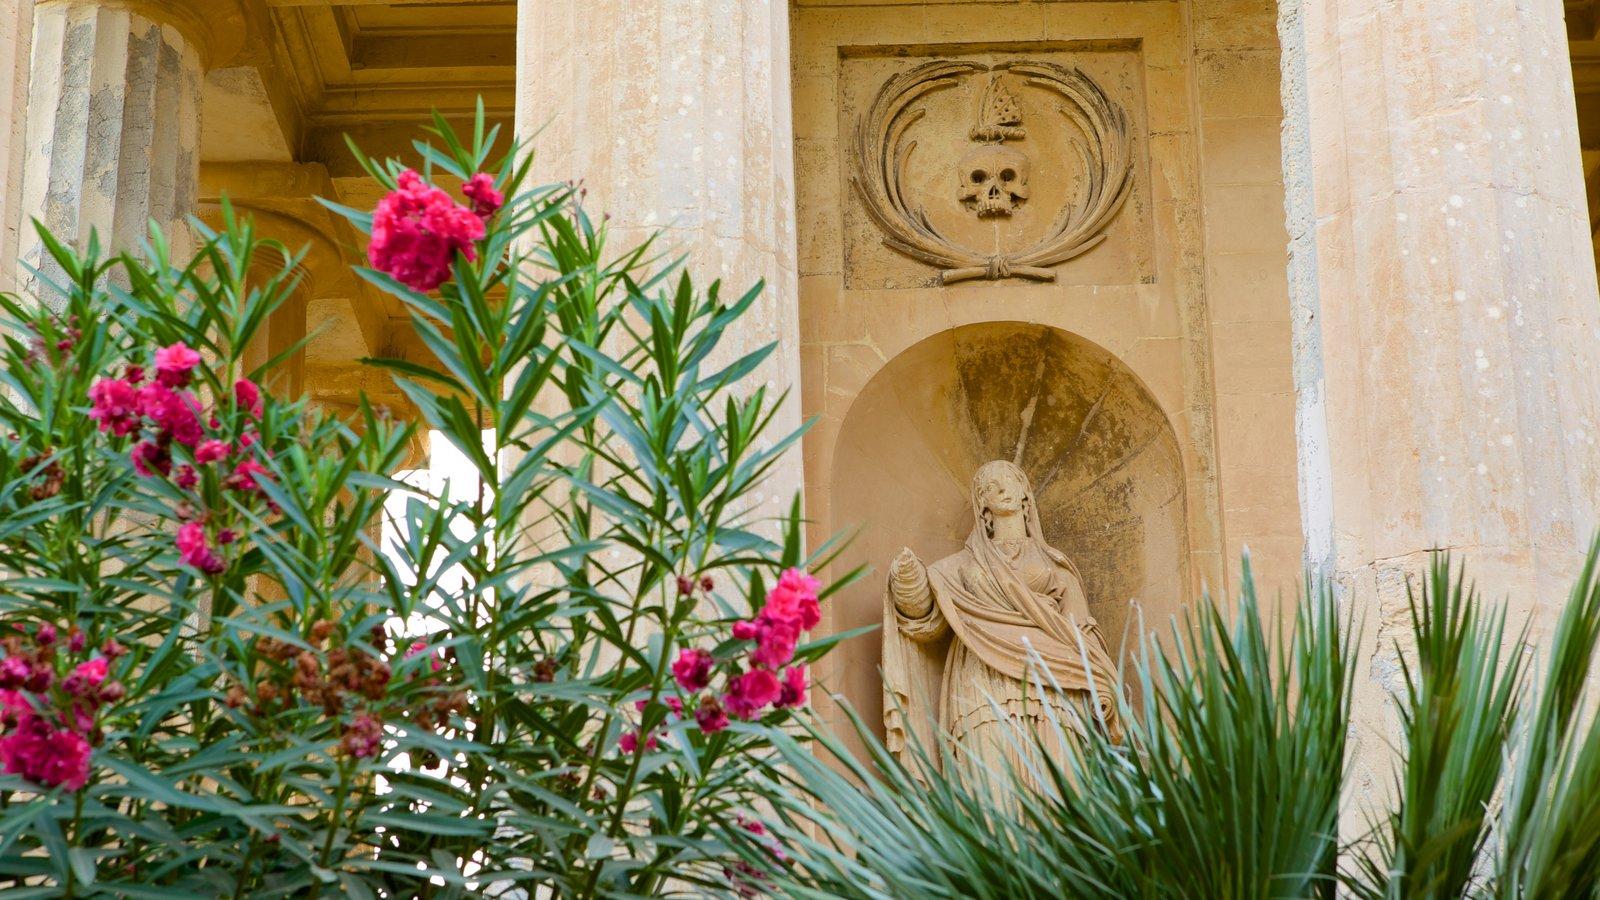 Jardins Inferiores de Barrakka caracterizando arquitetura de patrimônio, uma estátua ou escultura e um jardim